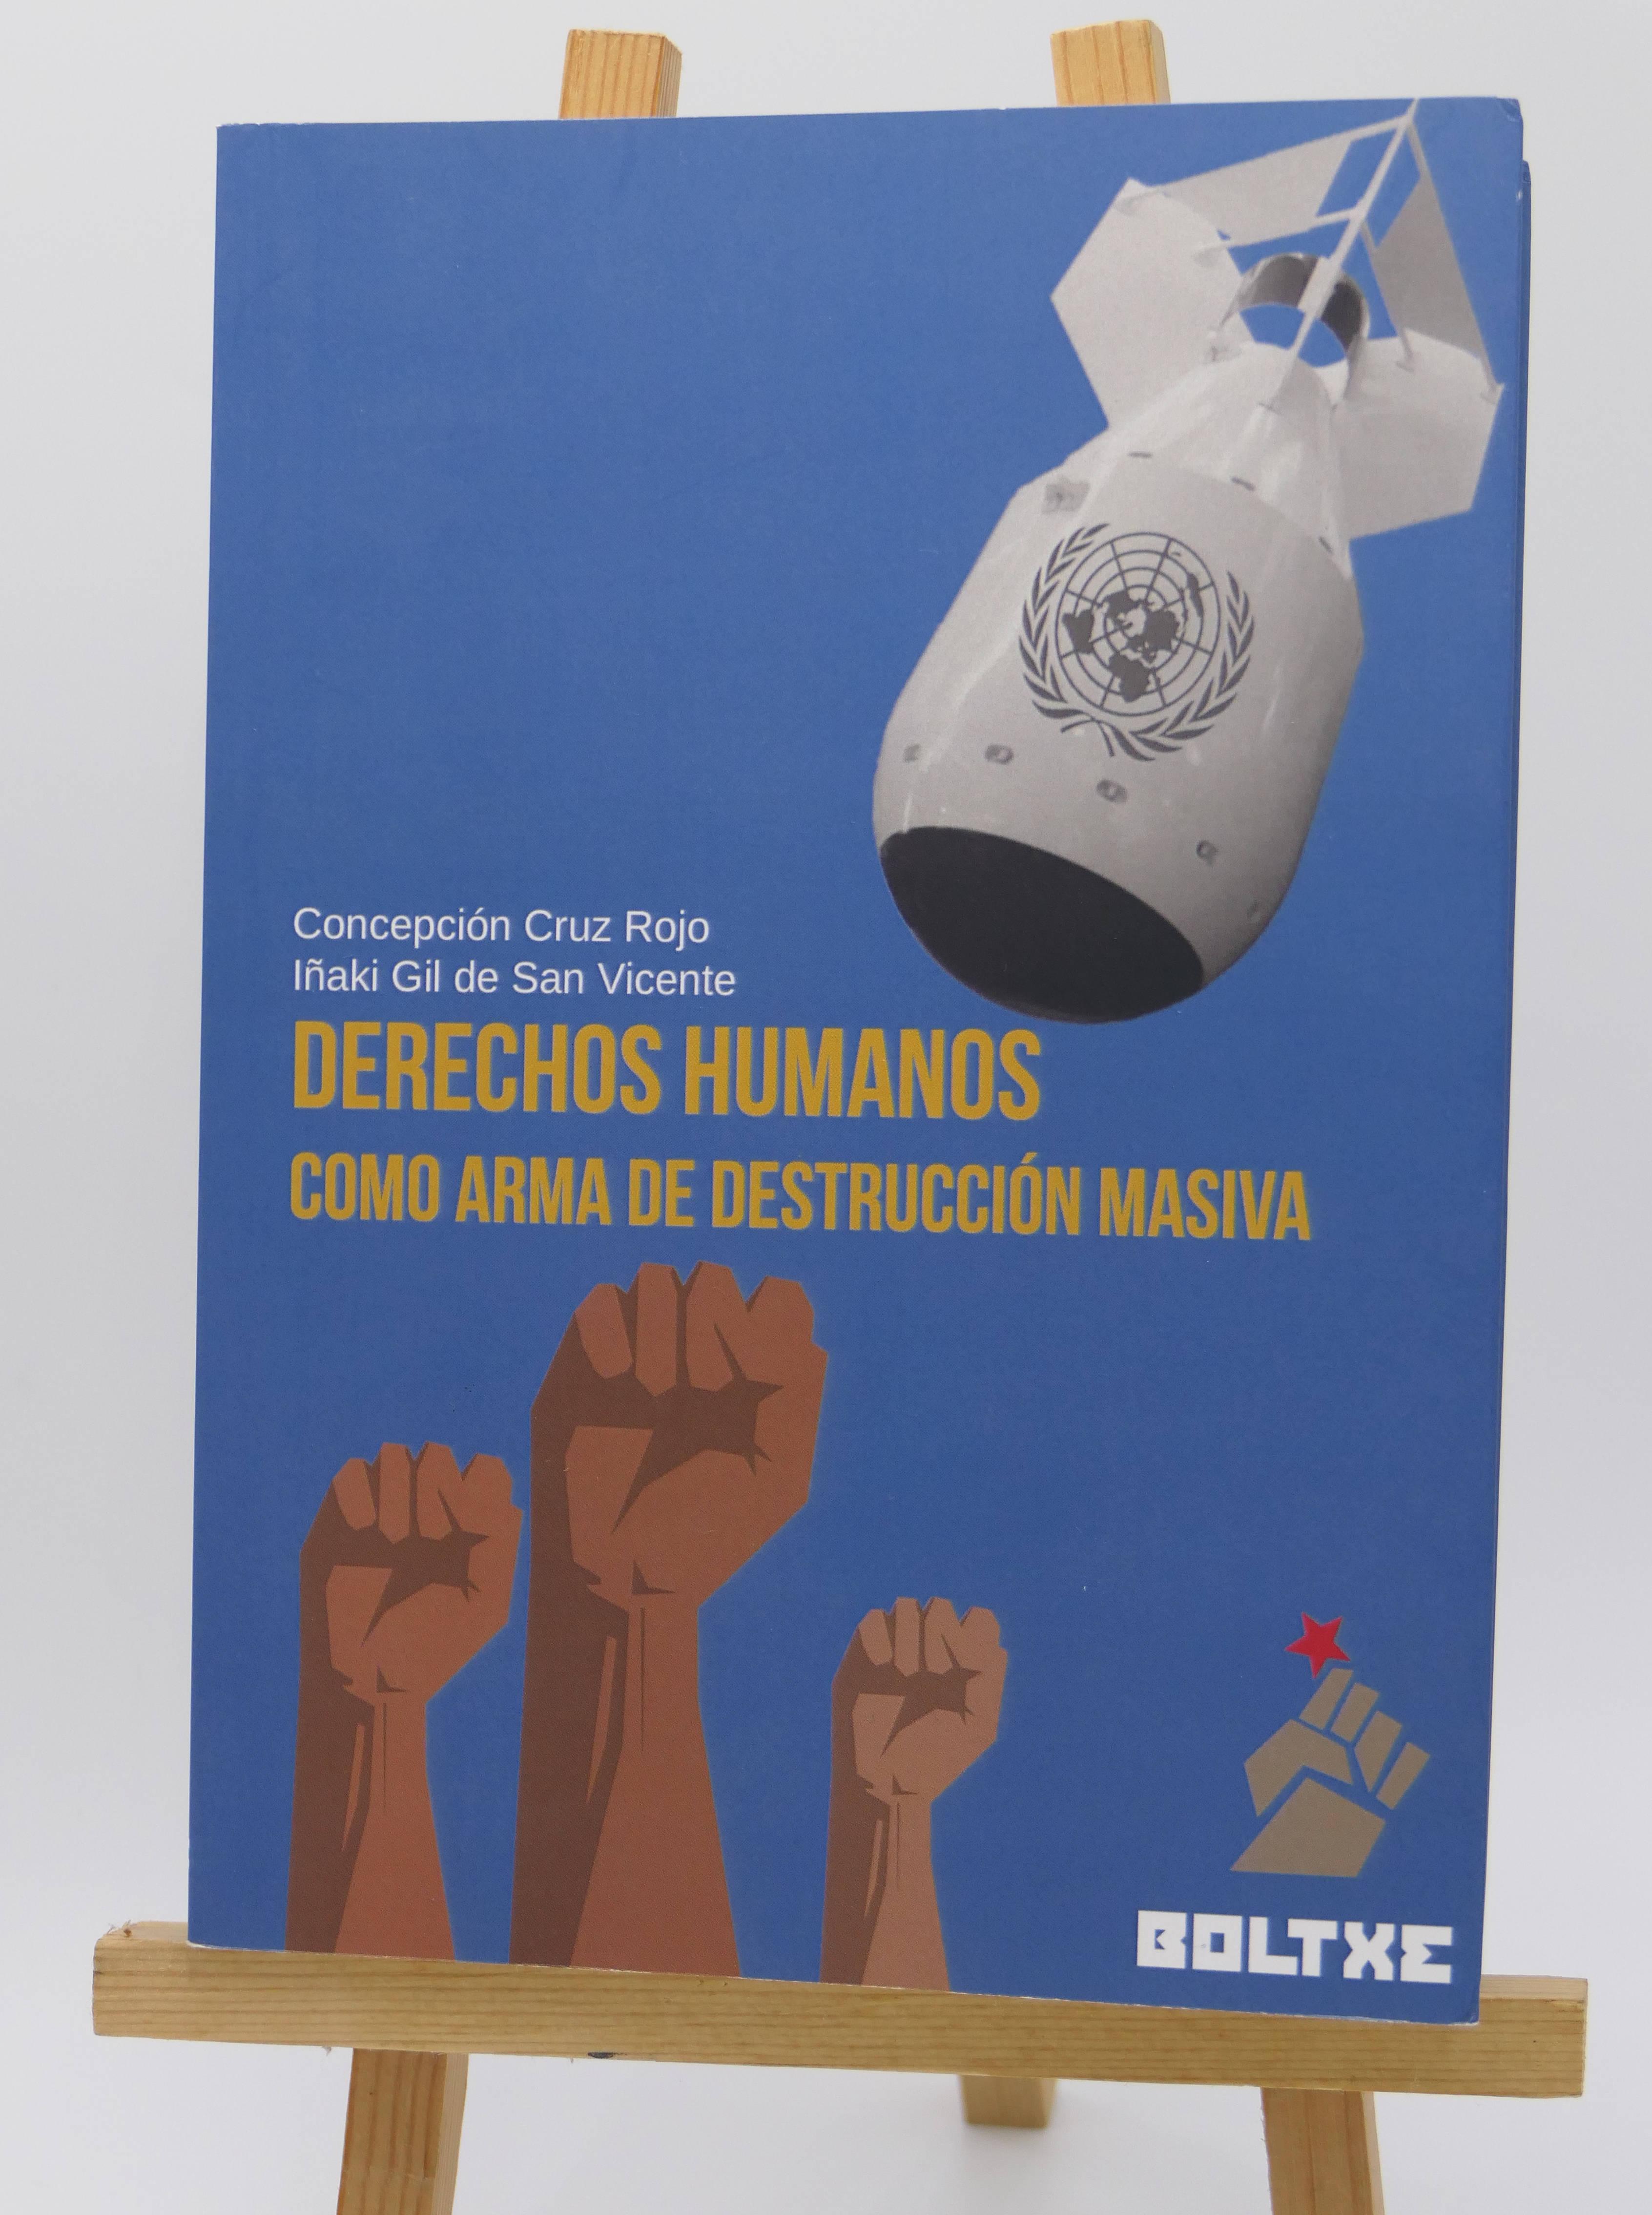 Derechos humanos como arma de destrucción masiva